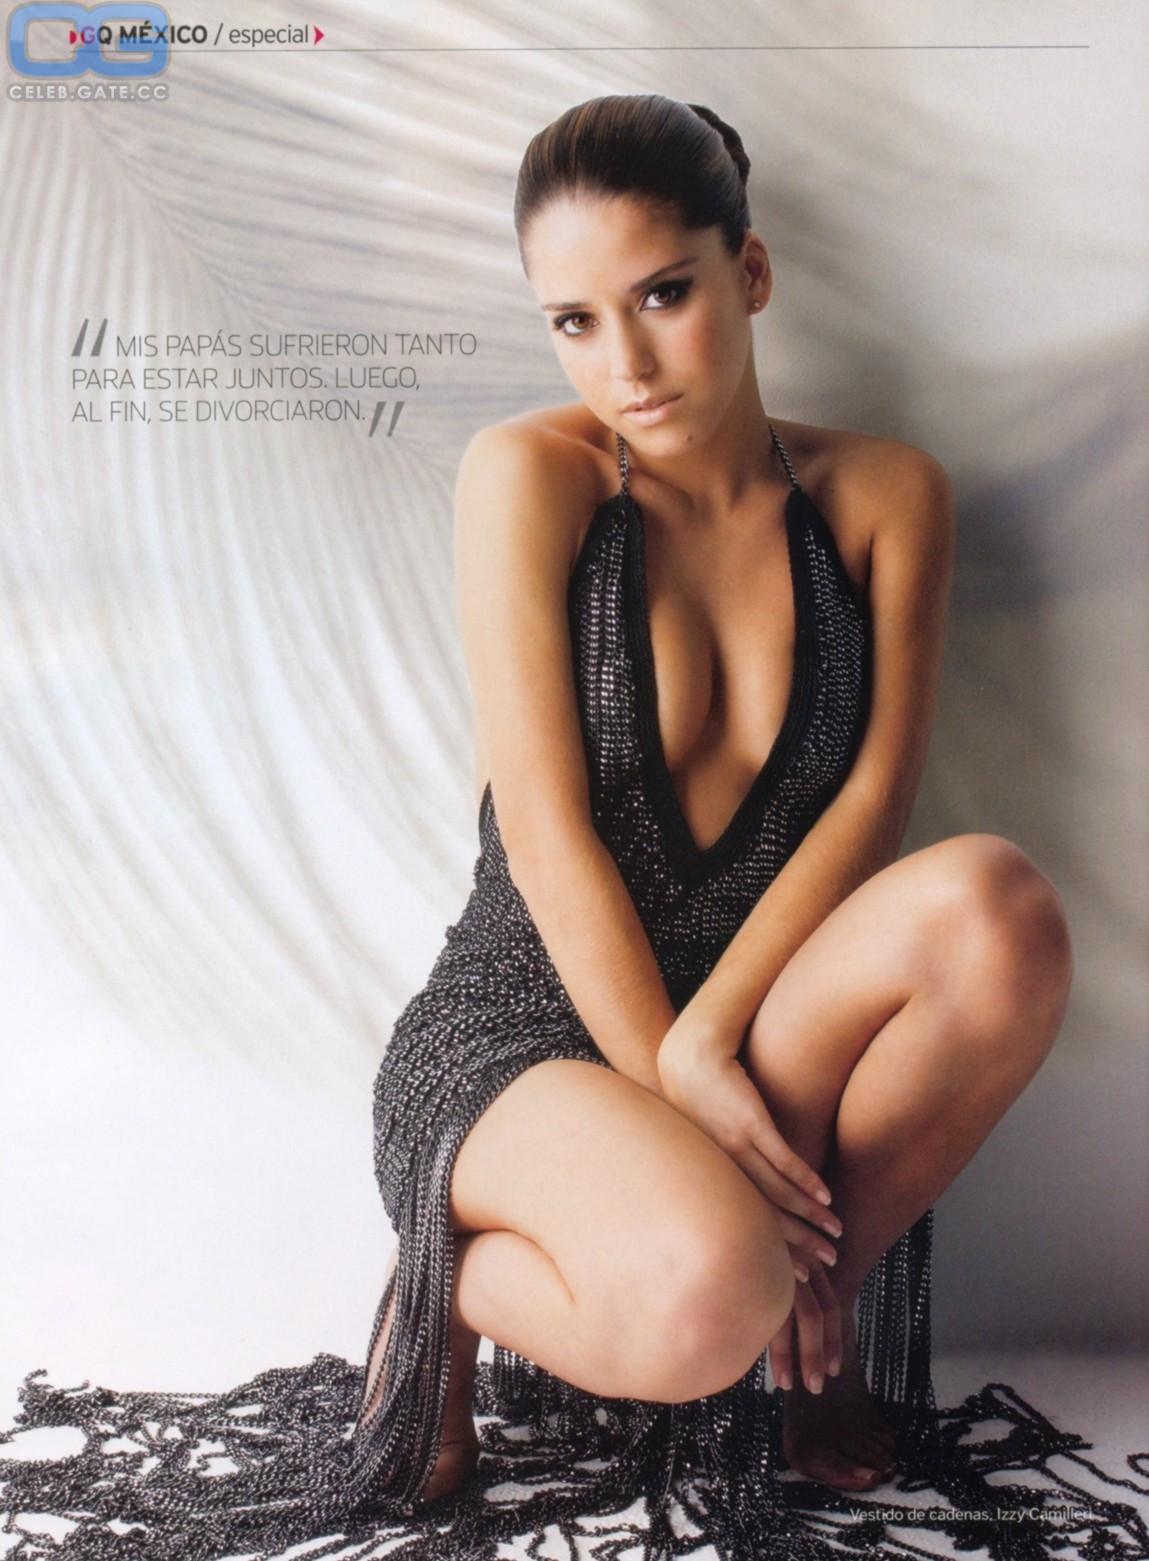 Talancon Ana  nackt Claudia 49 hot